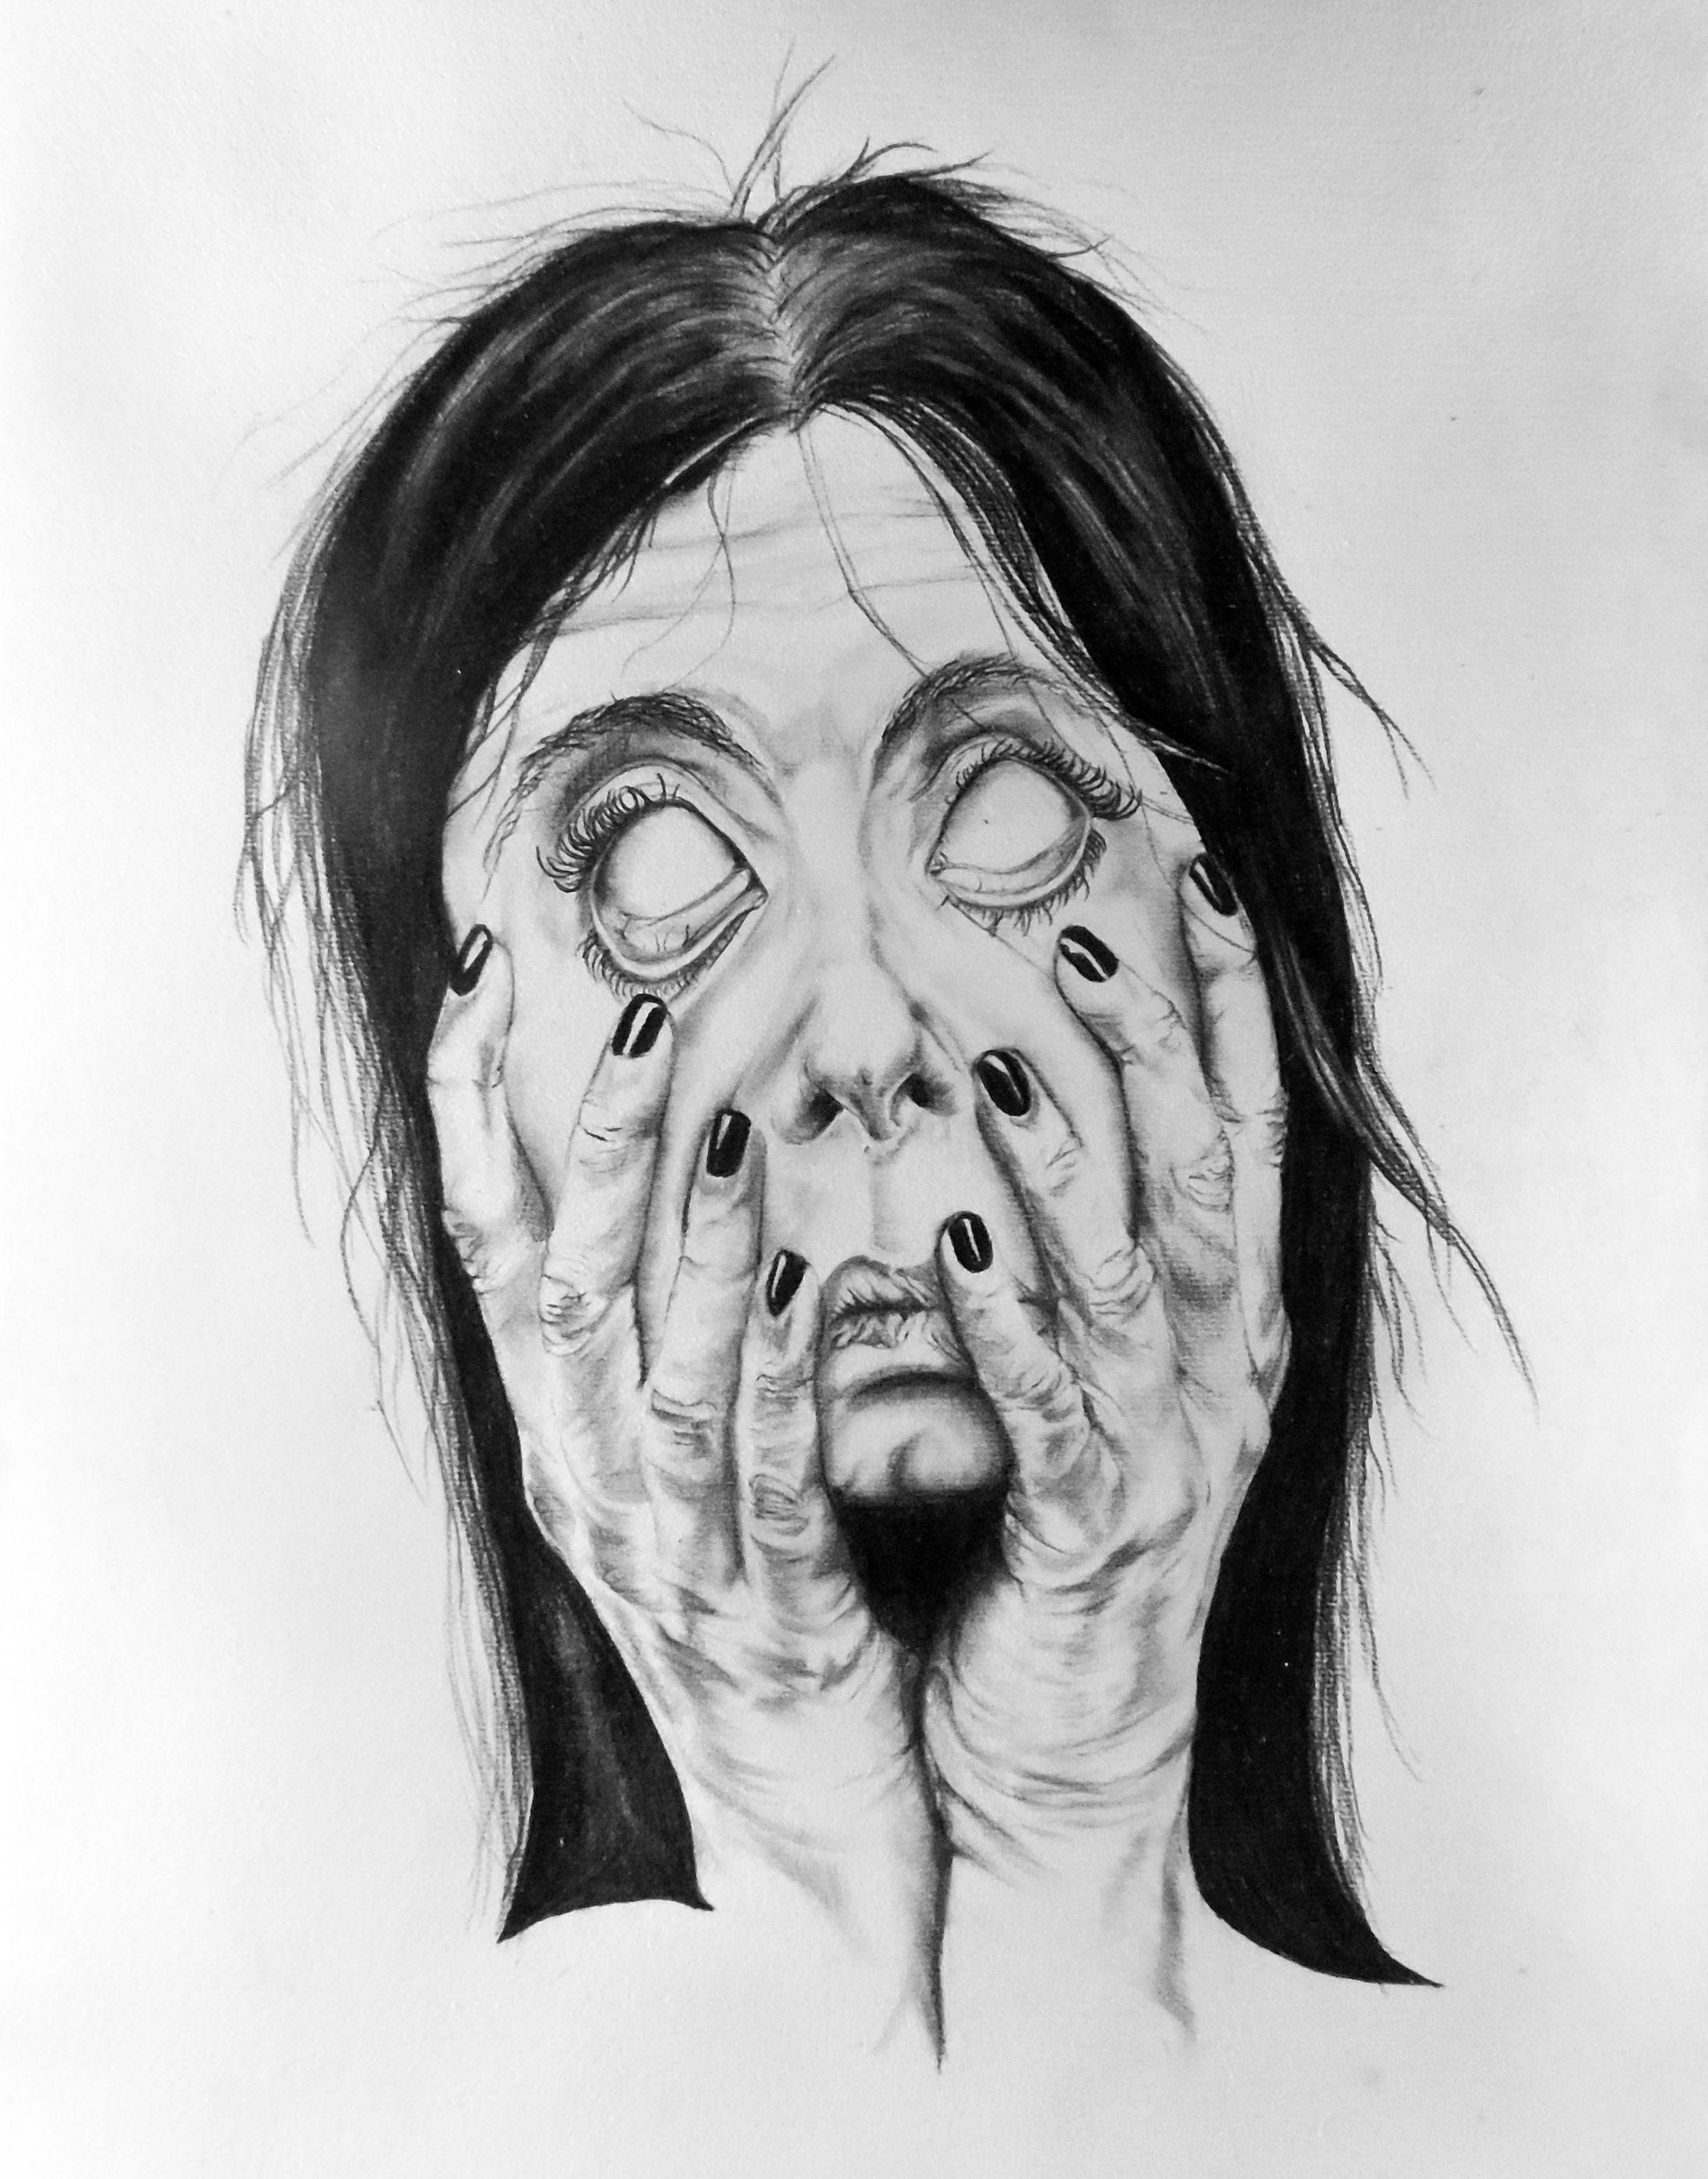 Look Into My Eyes A3 Pencil A Pencil sketch depicting a ...